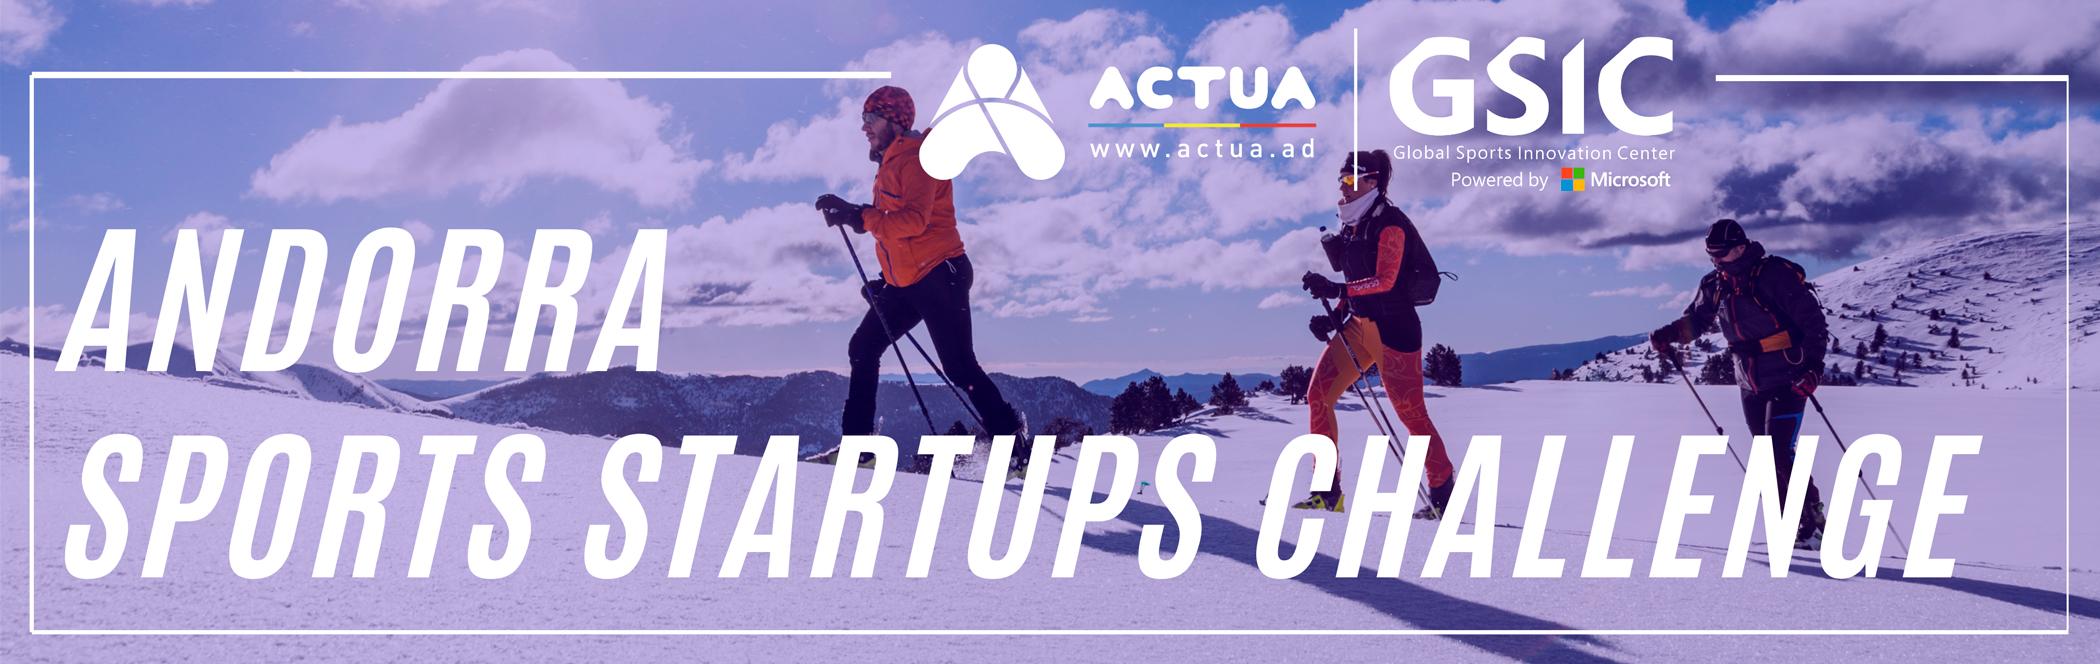 Andorra-Sports-Startup-Challenge